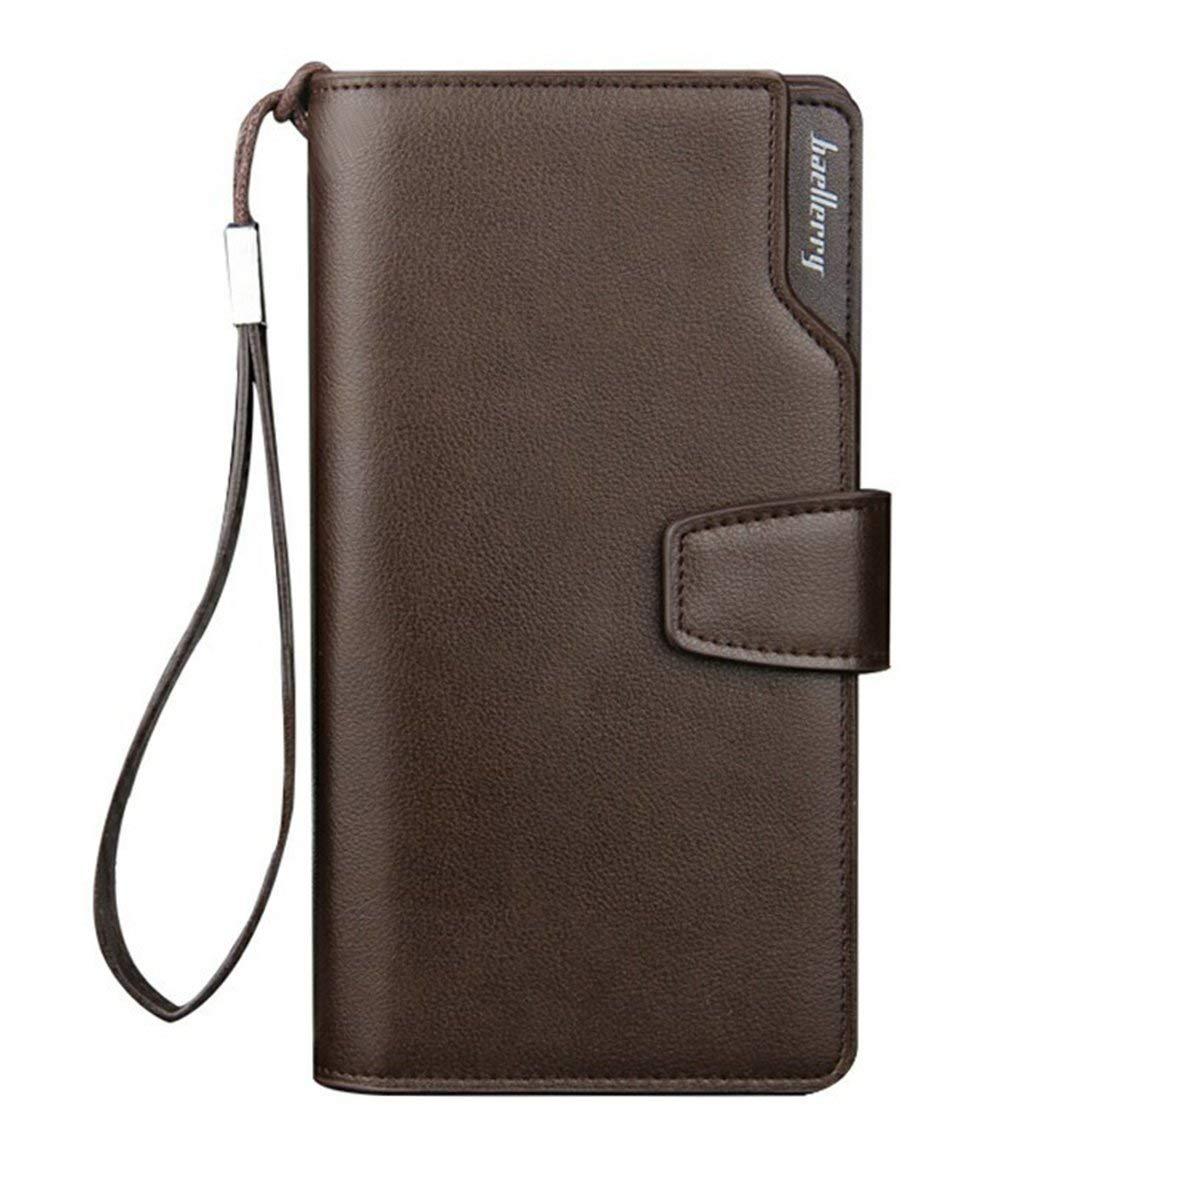 Heaviesk Hommes Longue Portefeuille Souple En Cuir PU Sac Commercial Conception Zipper Money Purse Portefeuilles Titulaires de la carte de crédit